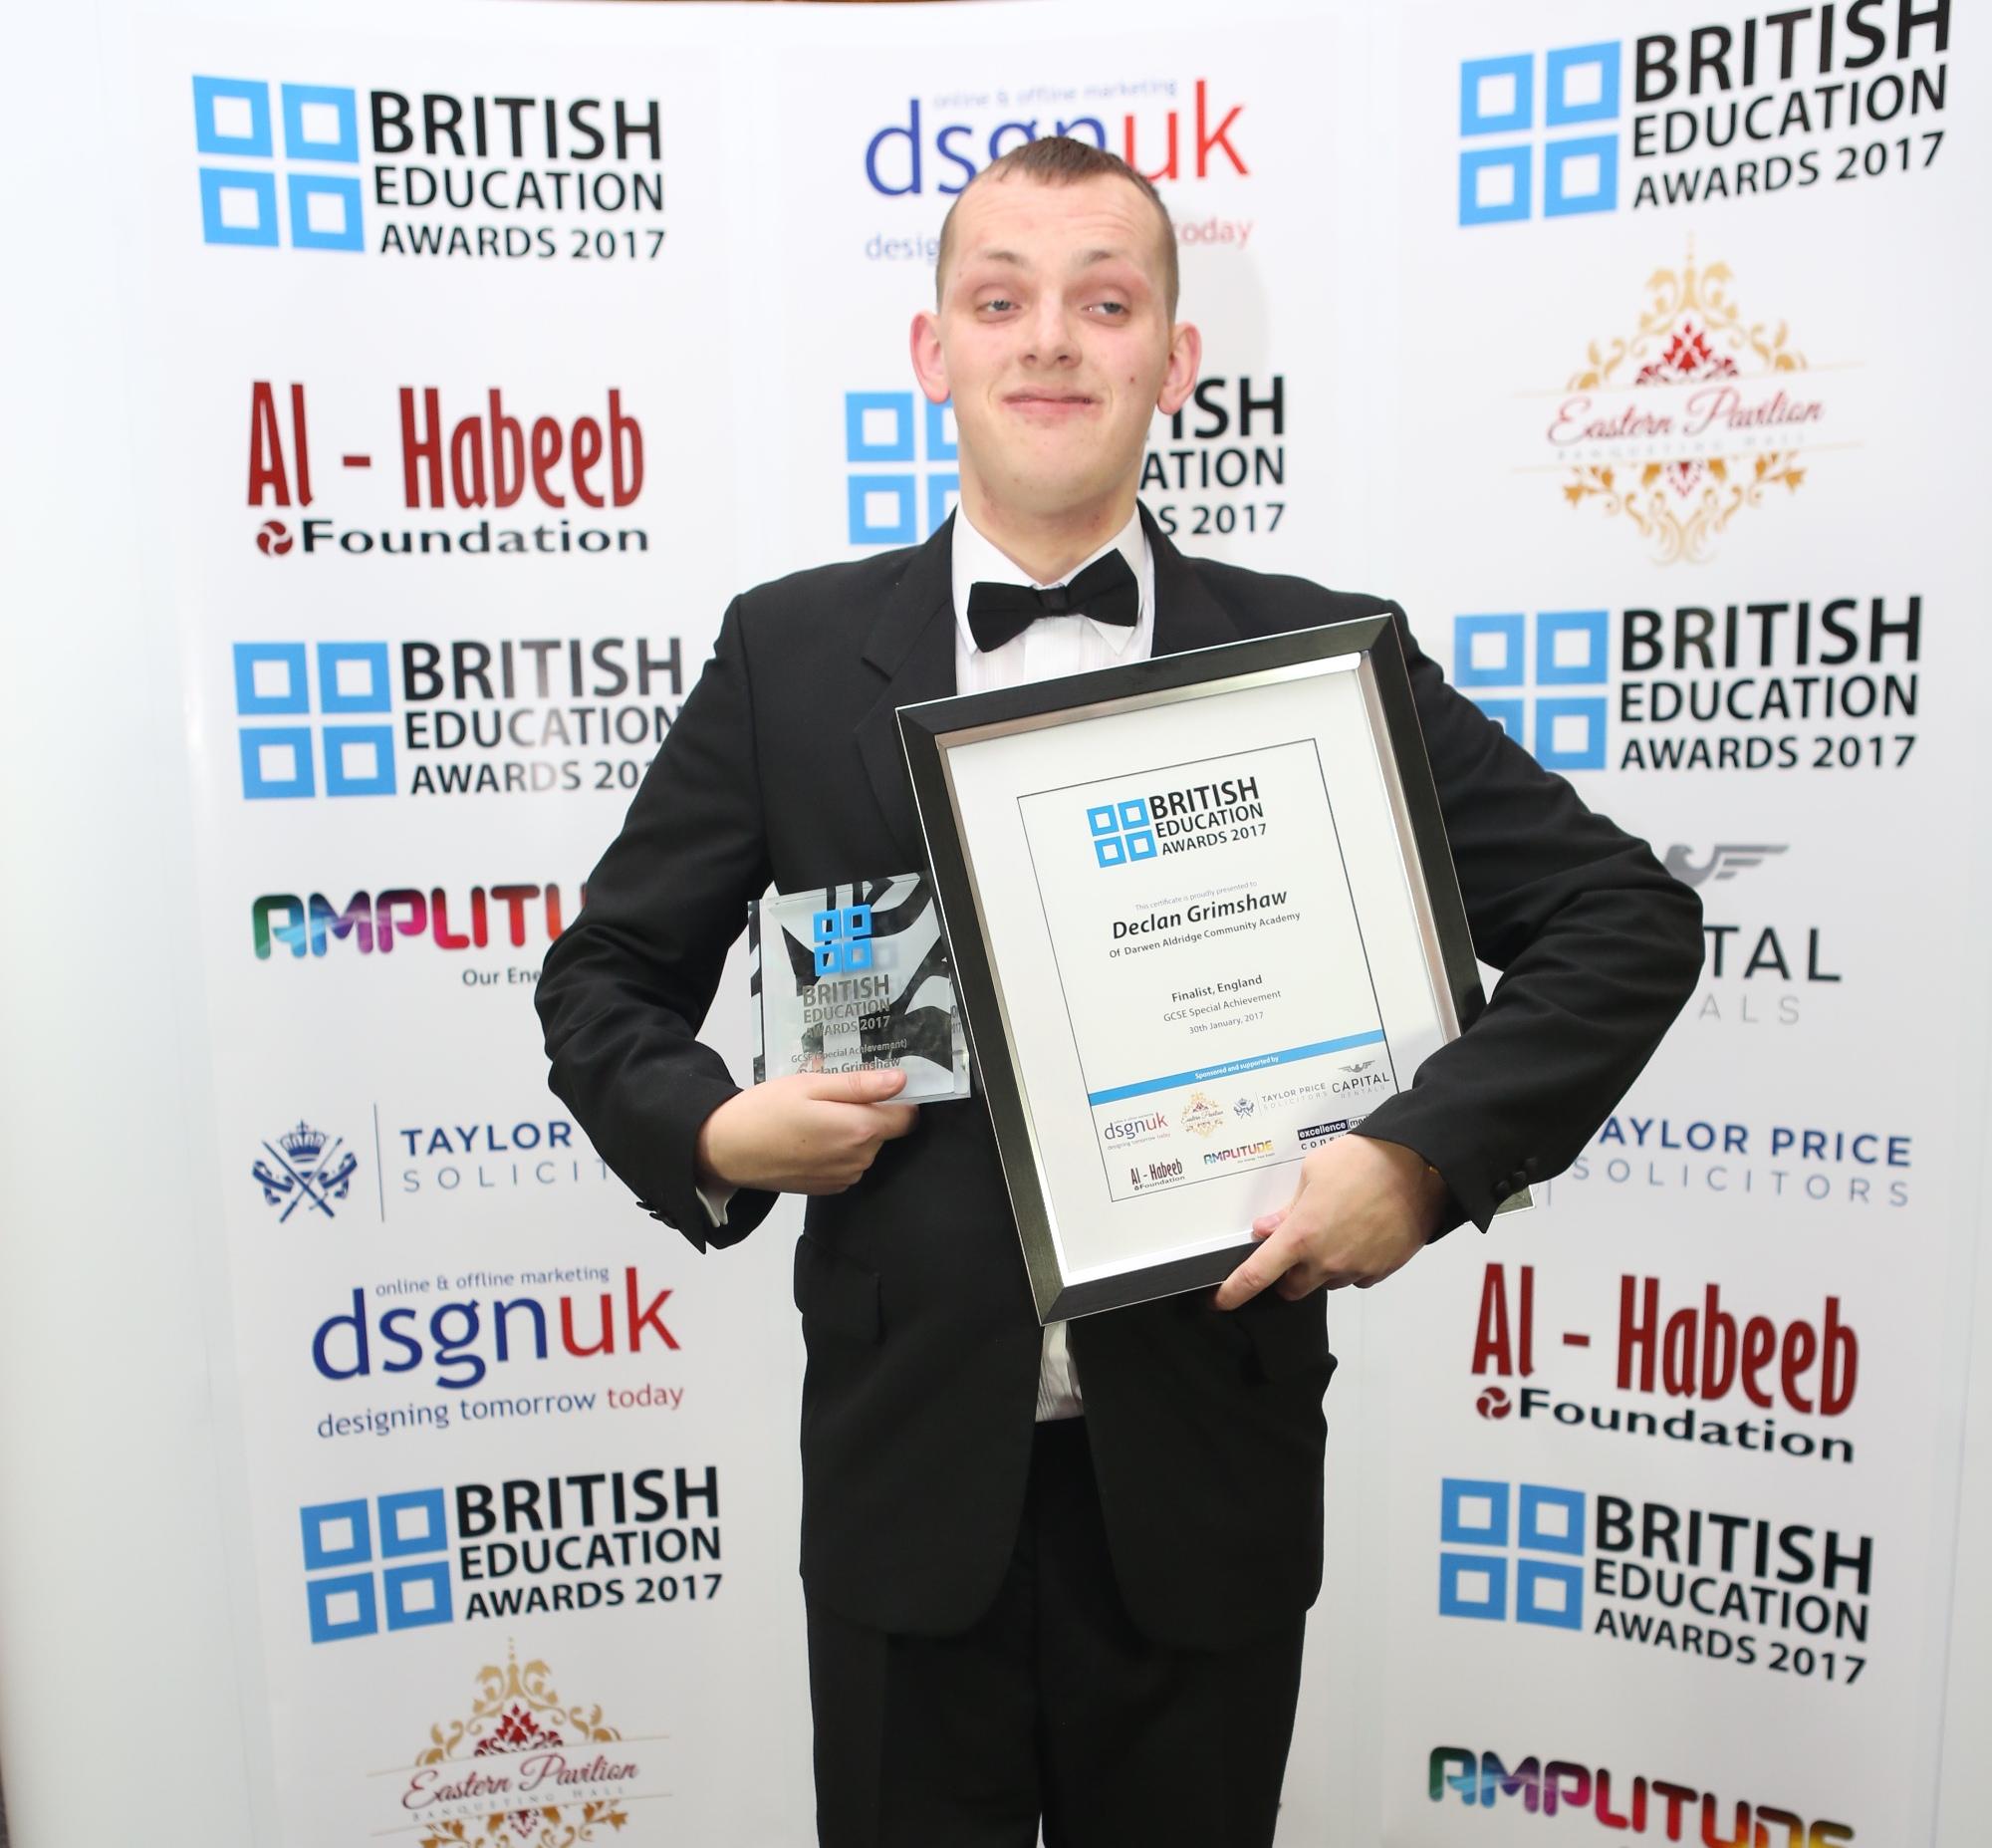 Declan Grimshaw-Special achievement